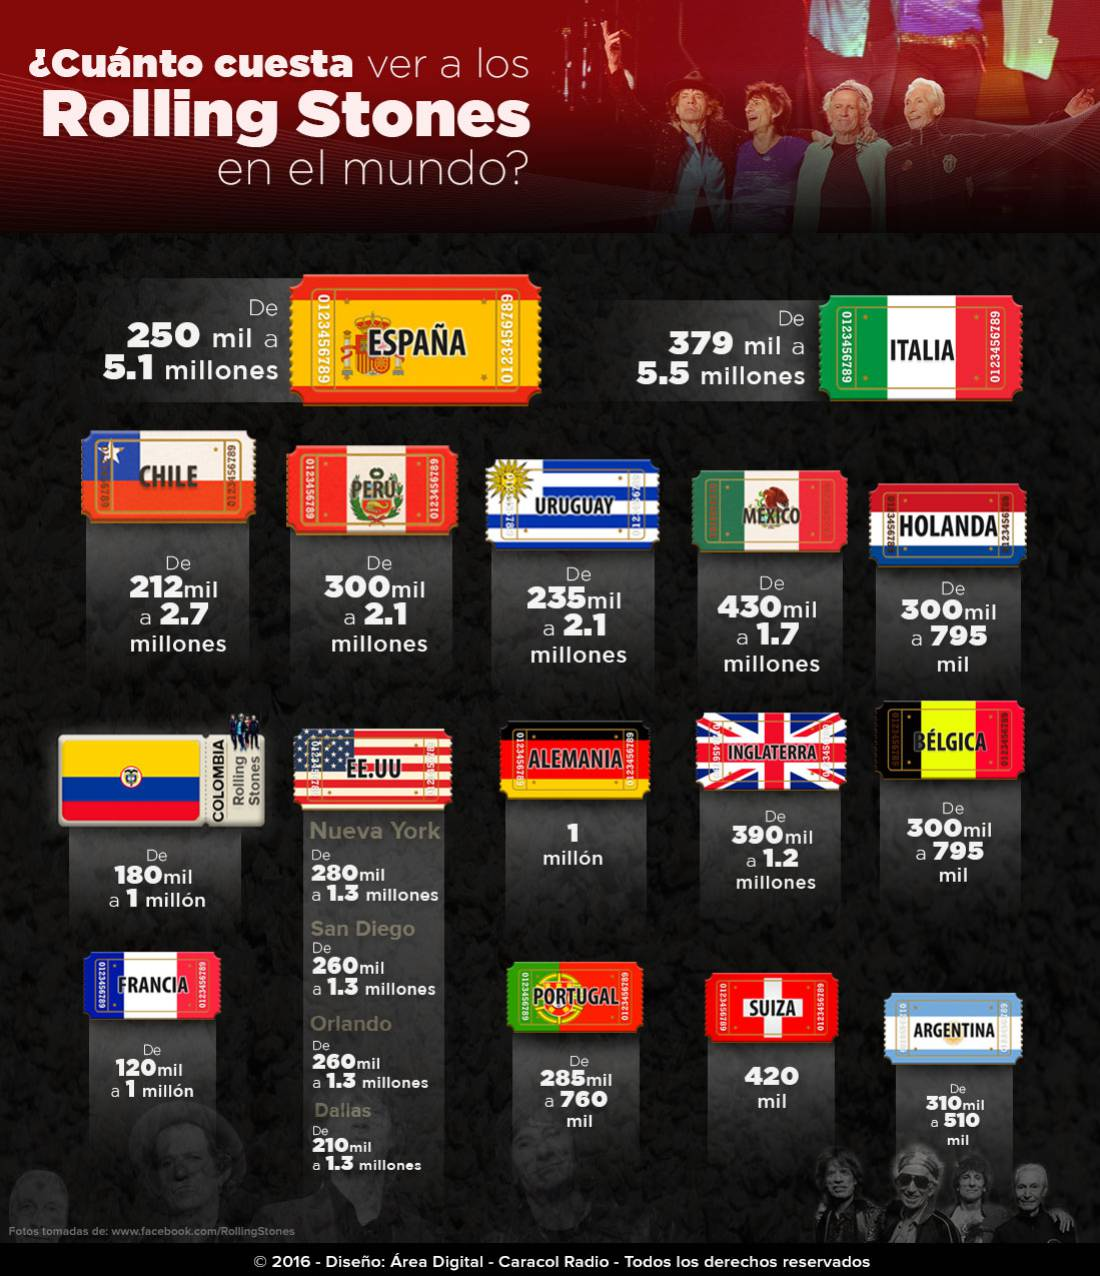 Boletas en los Rolling Stones: ¿Cuánto pagan los demás países por Tener a los Rolling Stones en sus escenarios?